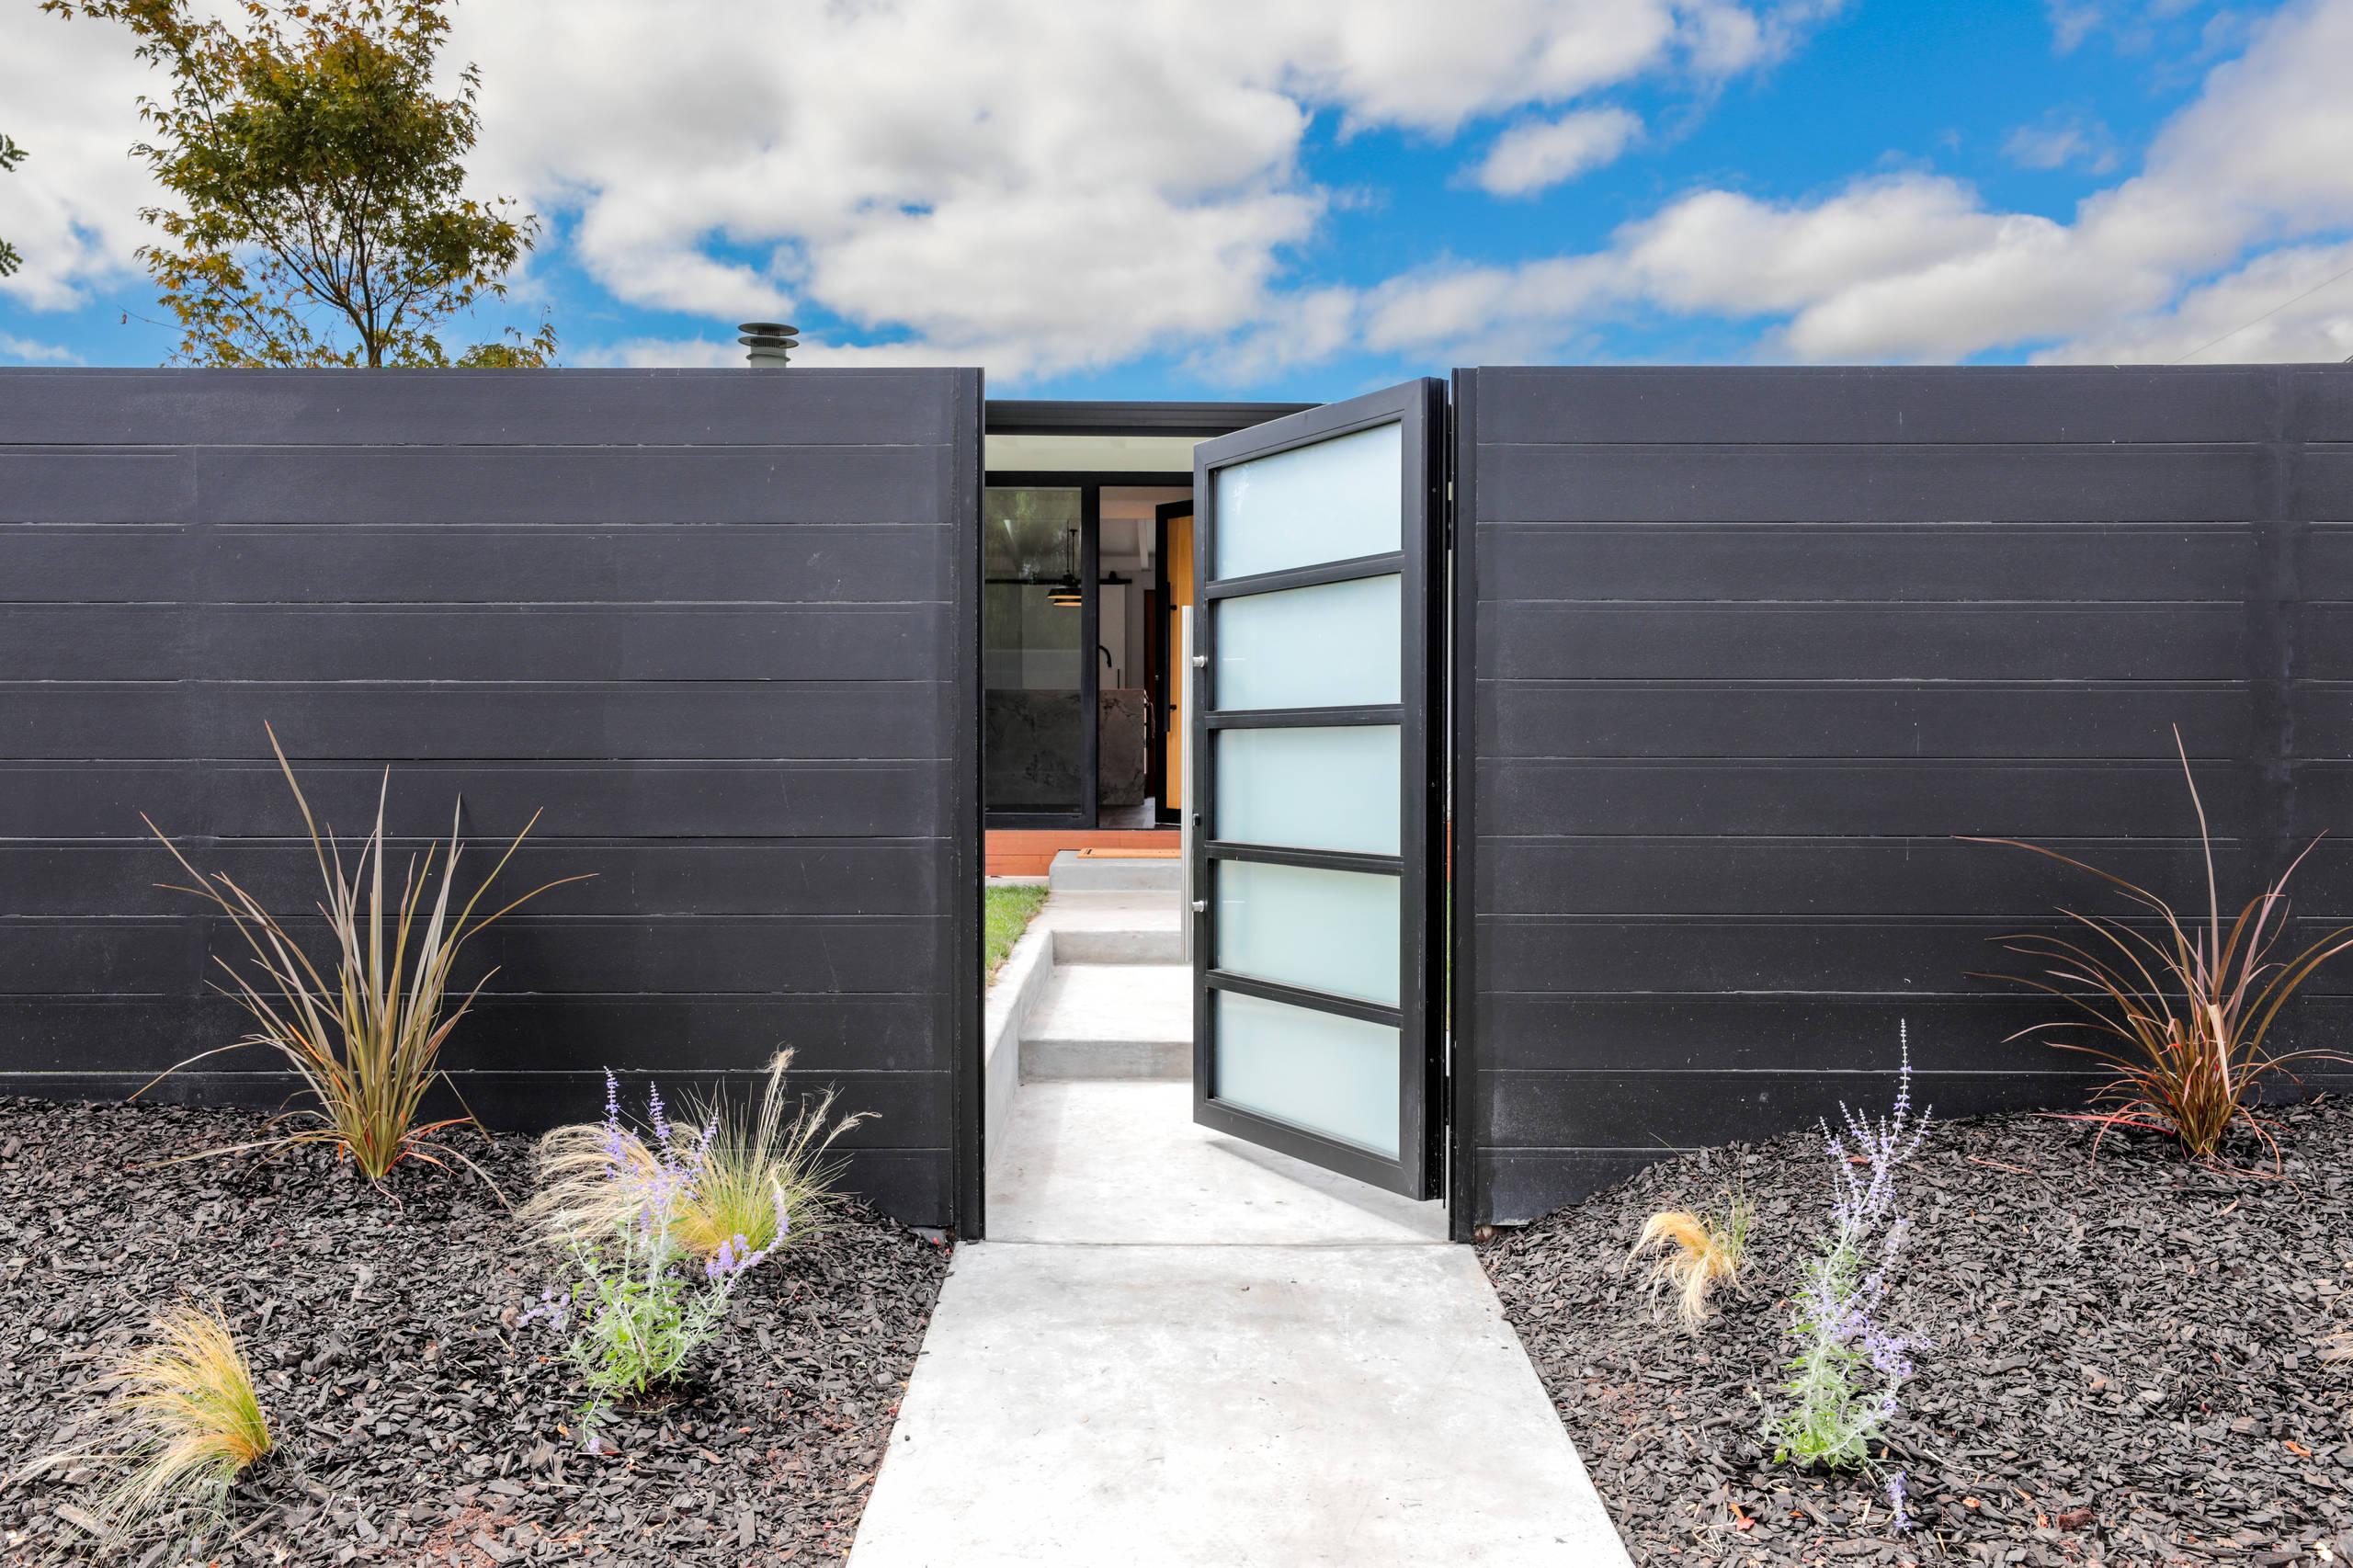 75 Beautiful Modern Front Door Pictures Ideas December 2020 Houzz